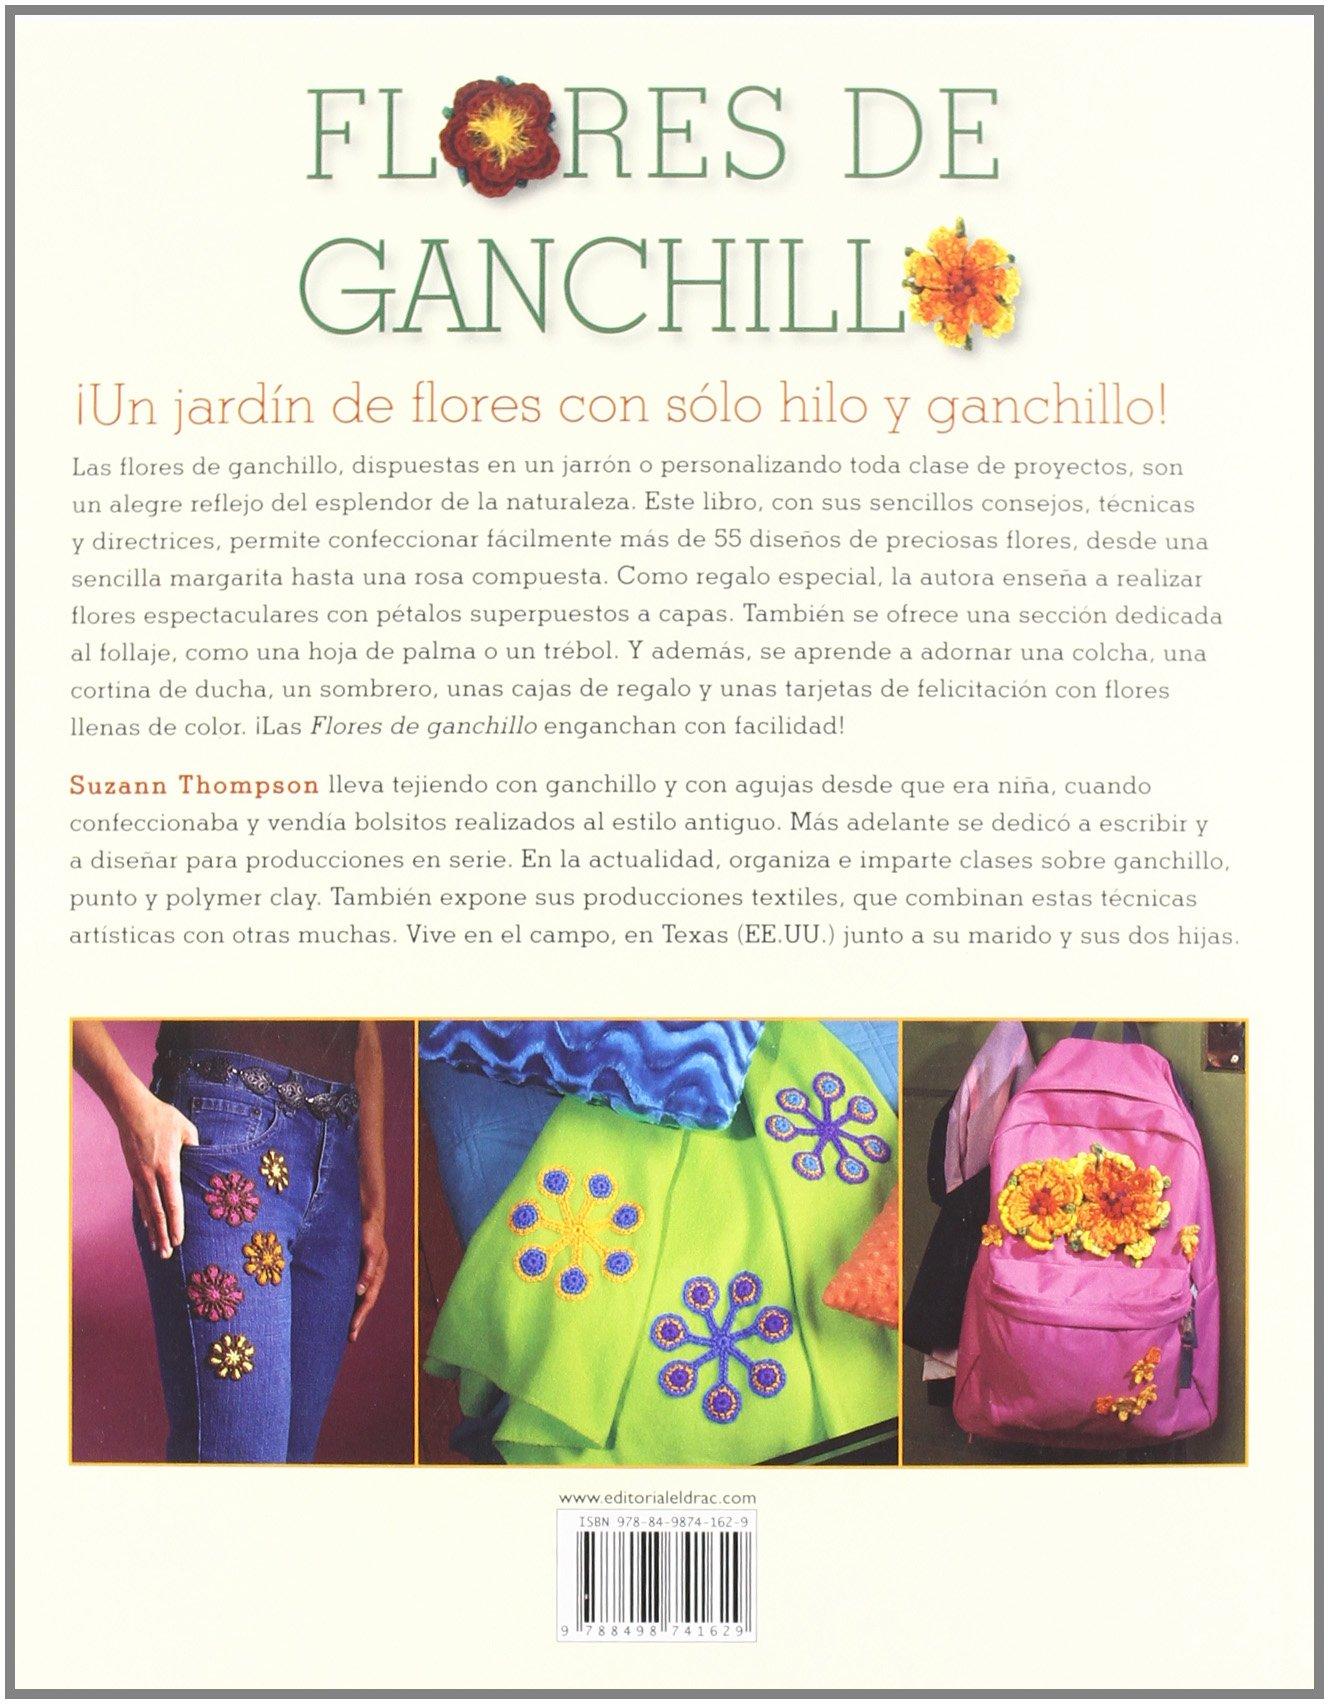 Flores de ganchillo: Amazon.es: Suzann Thompson: Libros